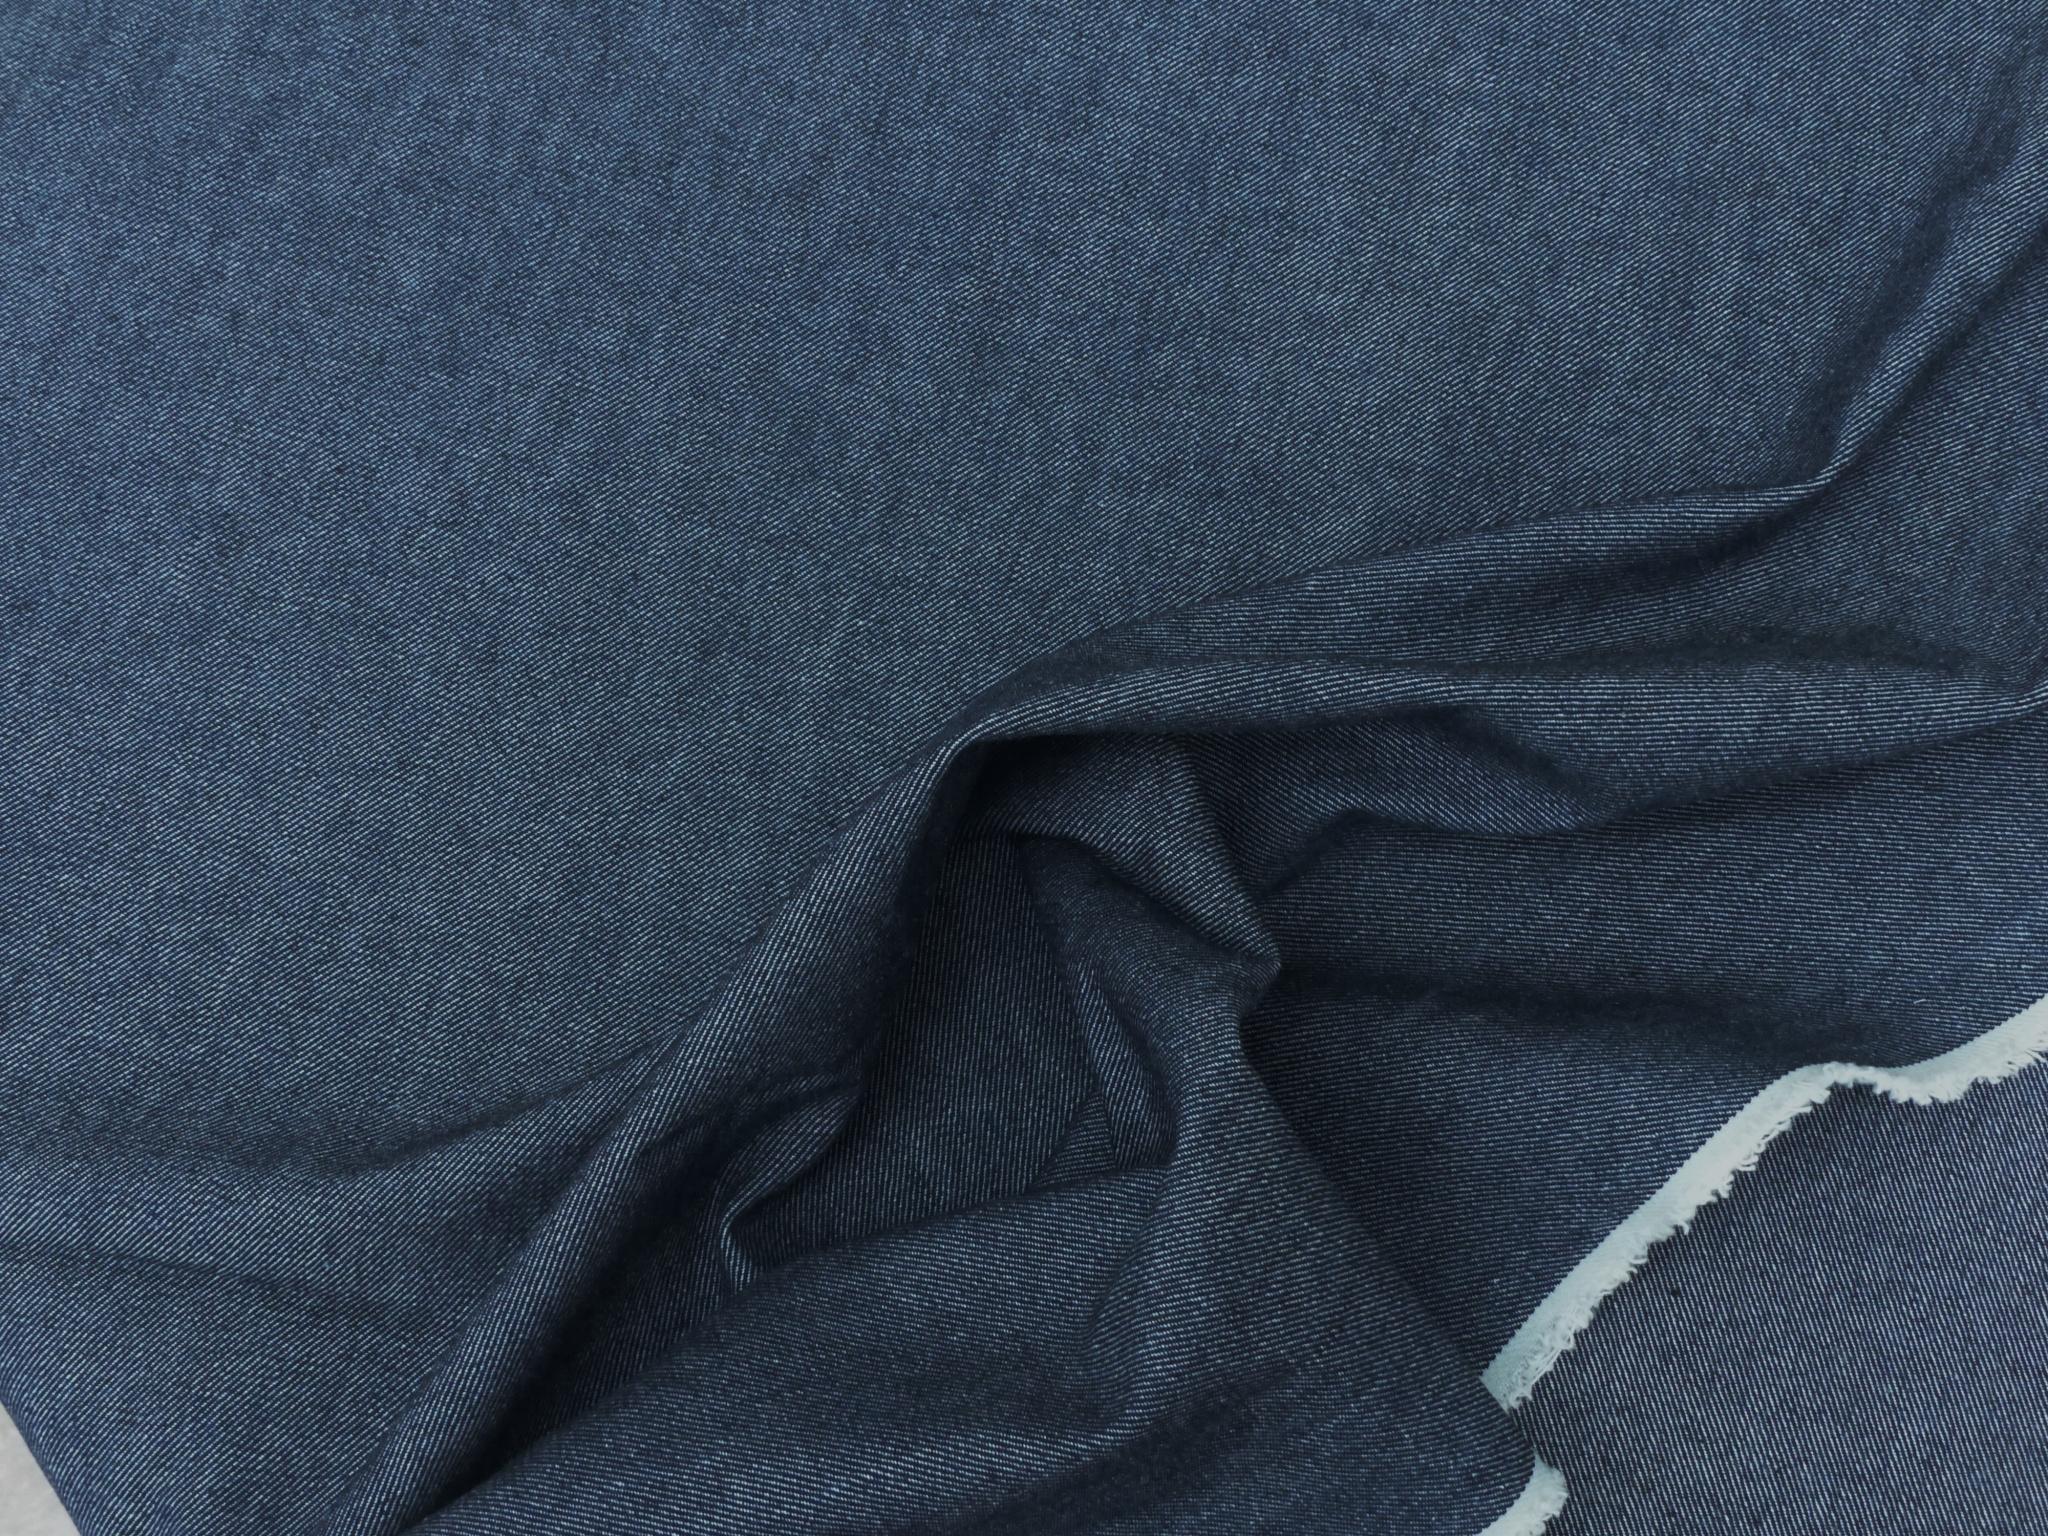 2dafee8cc012aa Designer-Jeansstoff-kaufen